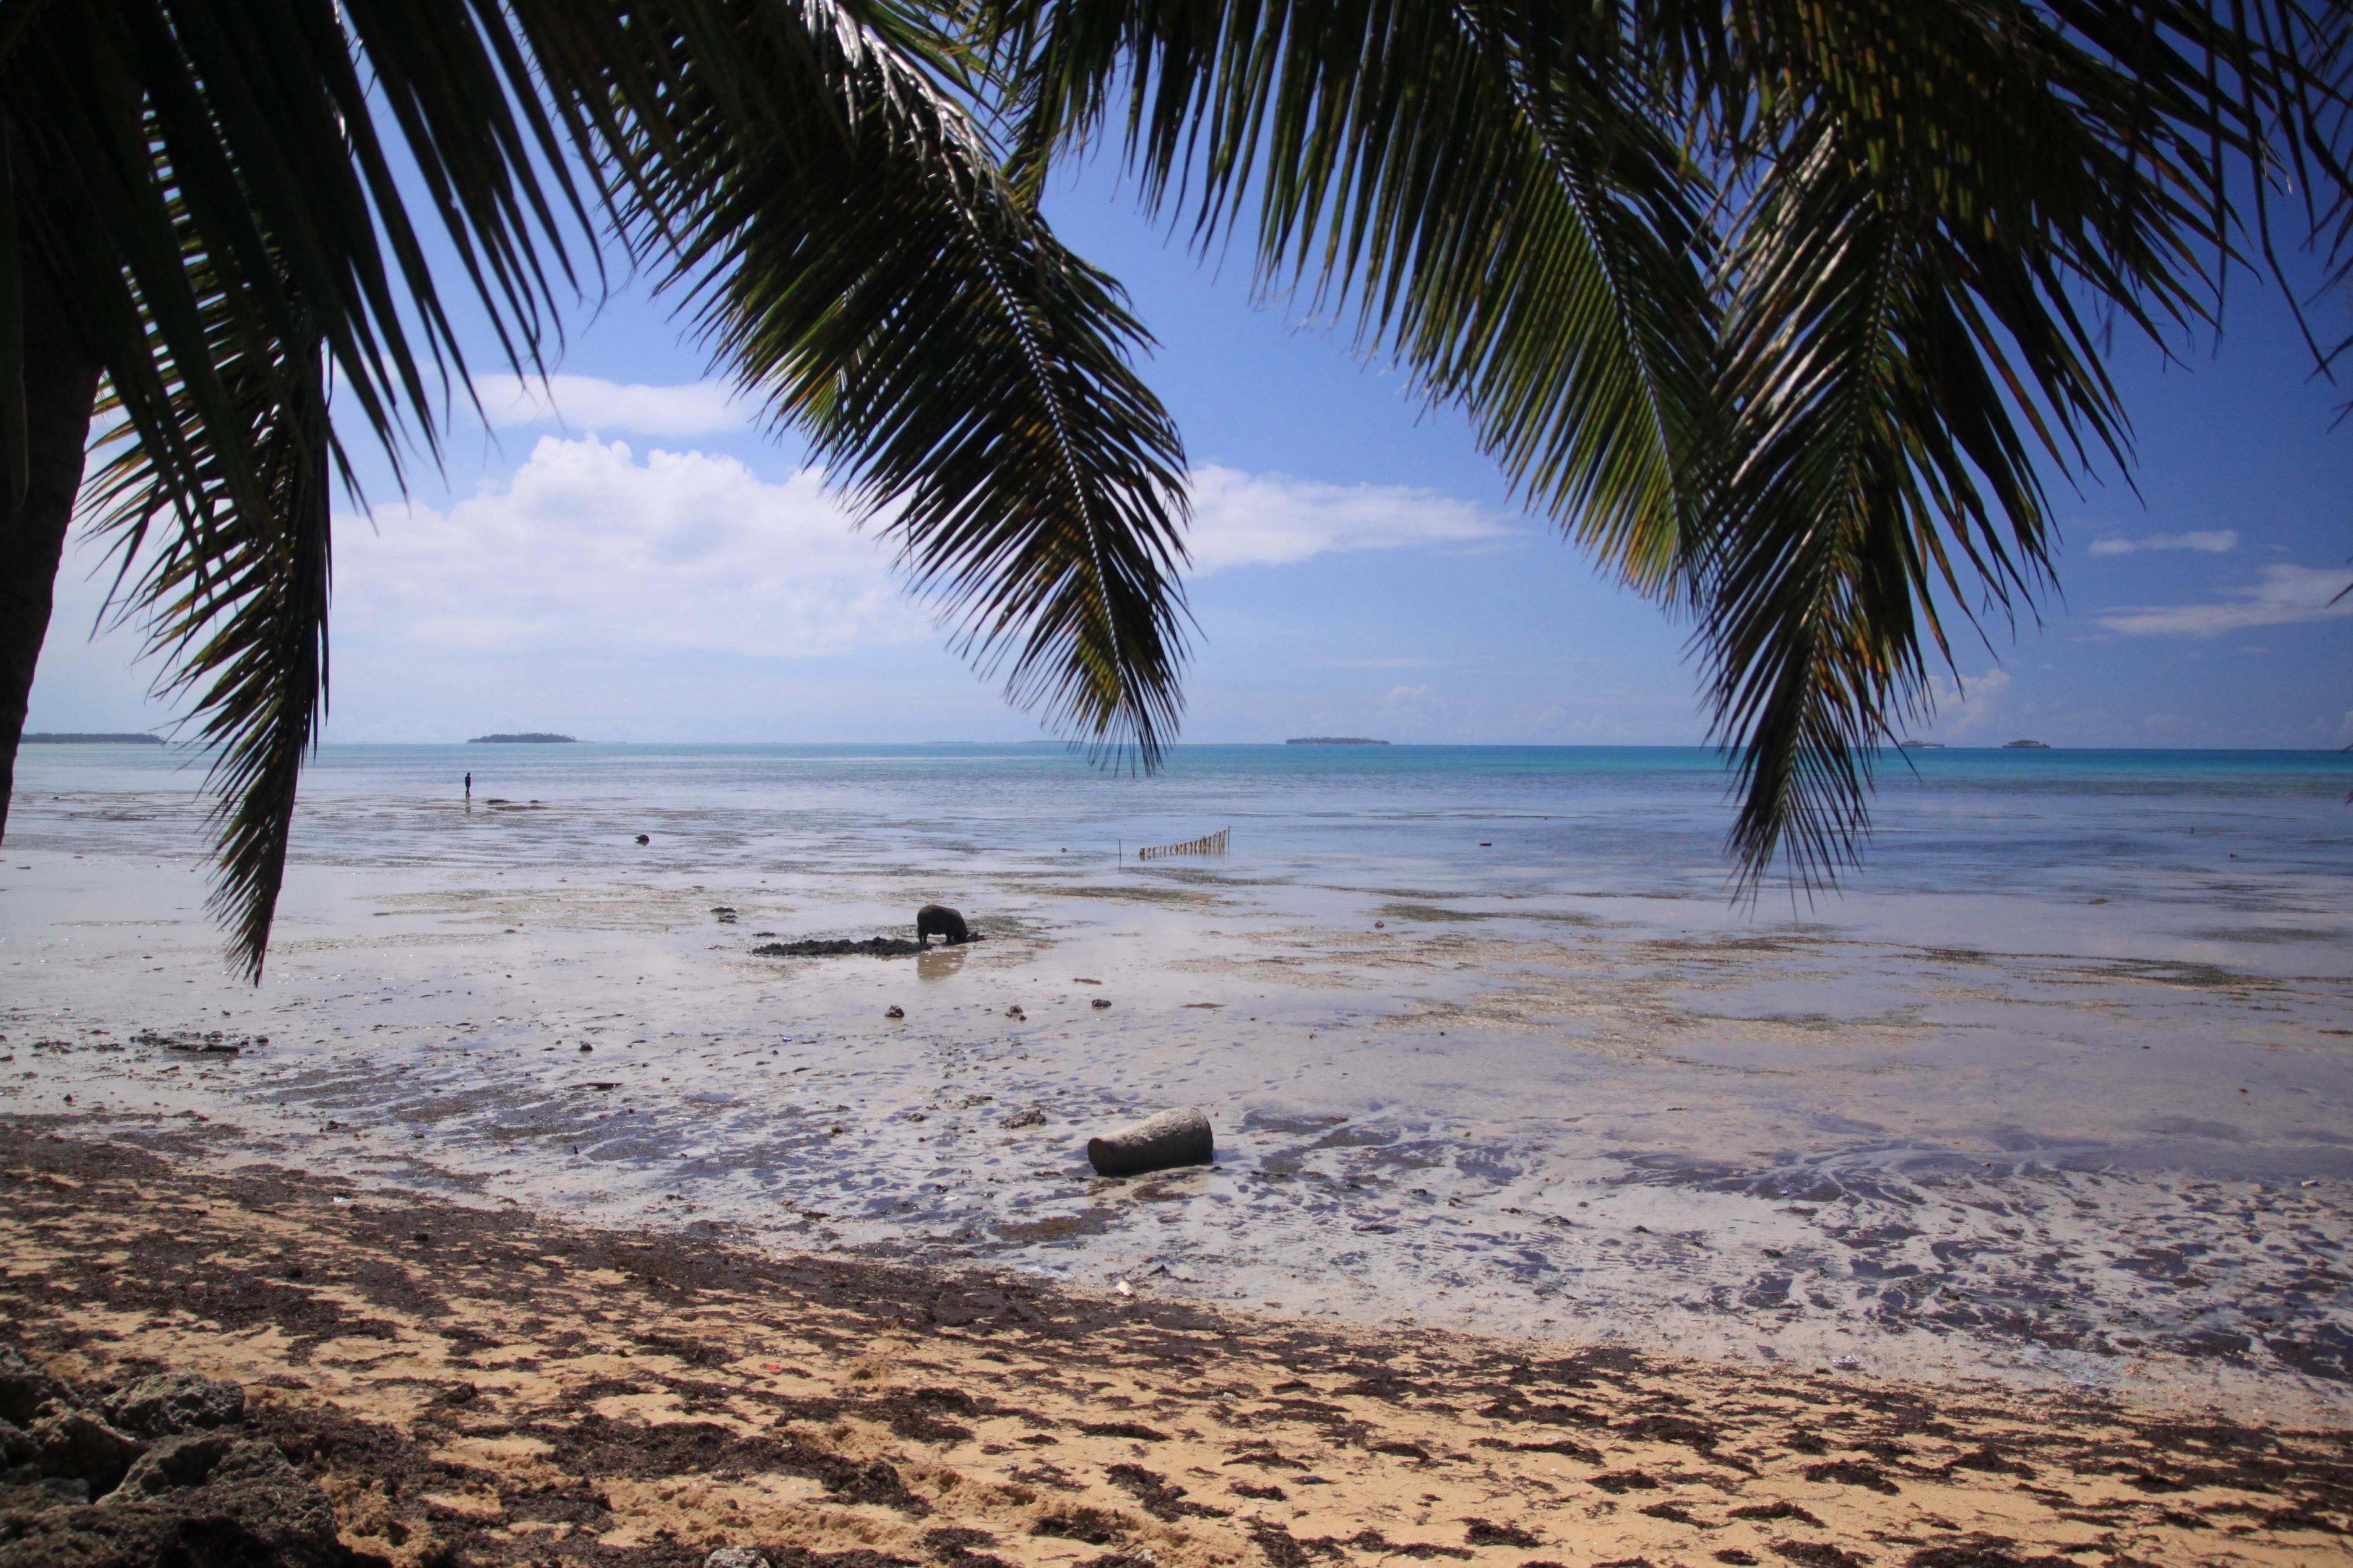 Főleg azokon a helyeken lehet utóbbiakat látni, ahol erős az apály hatása, ugyanis ilyenkor malacék kimennek legelni egy kis kagylót a partra.